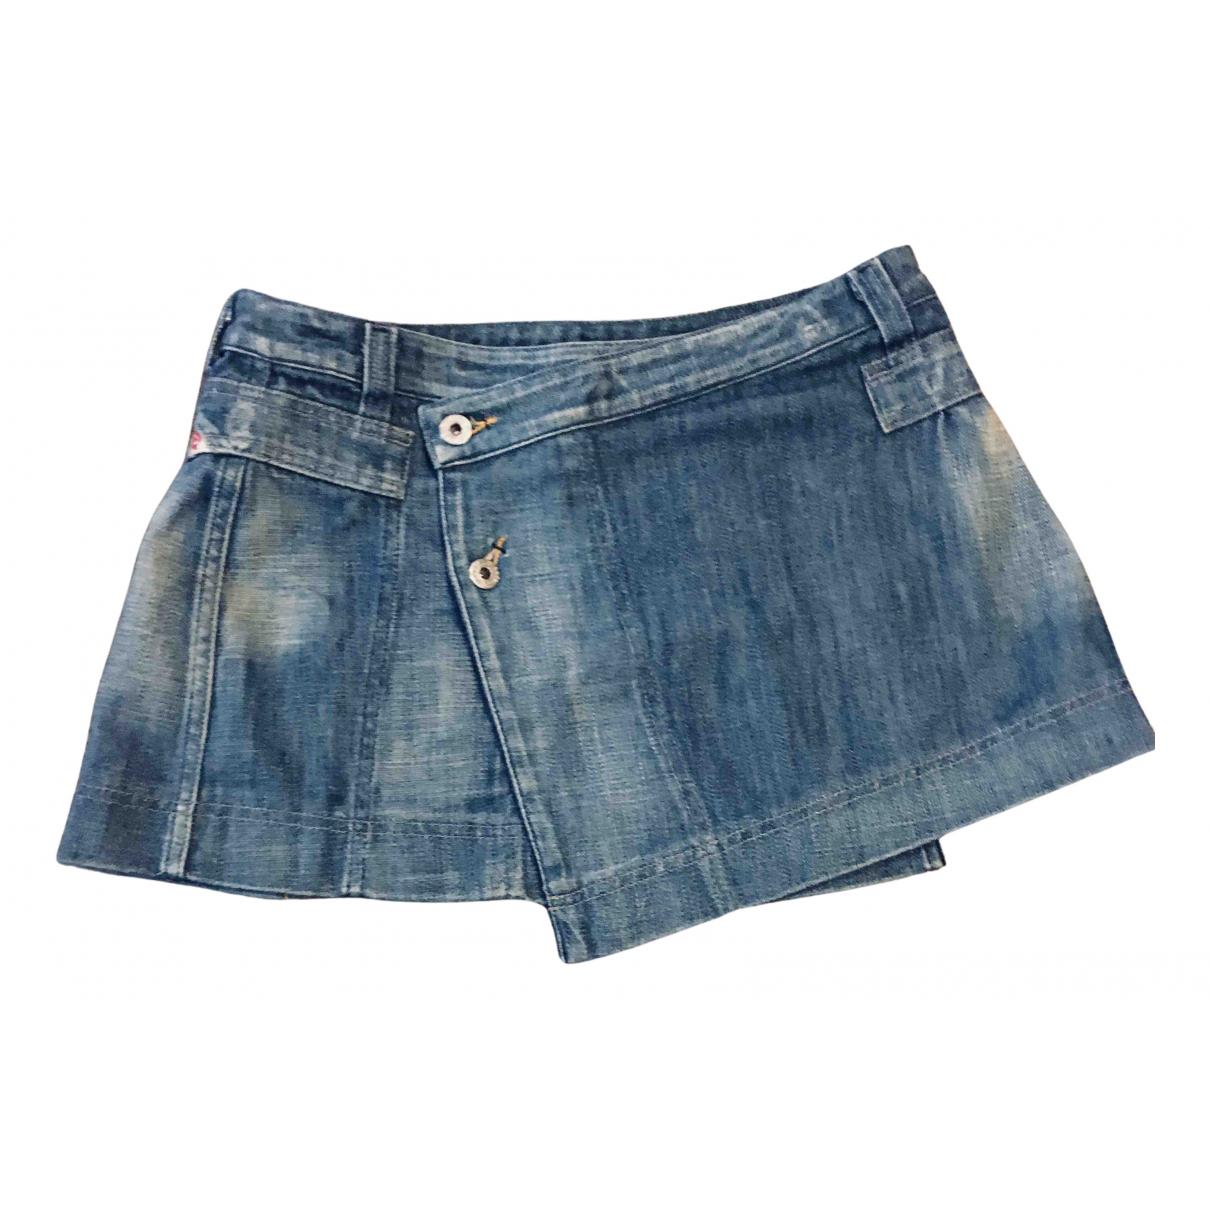 Diesel \N Rocke in  Blau Denim - Jeans